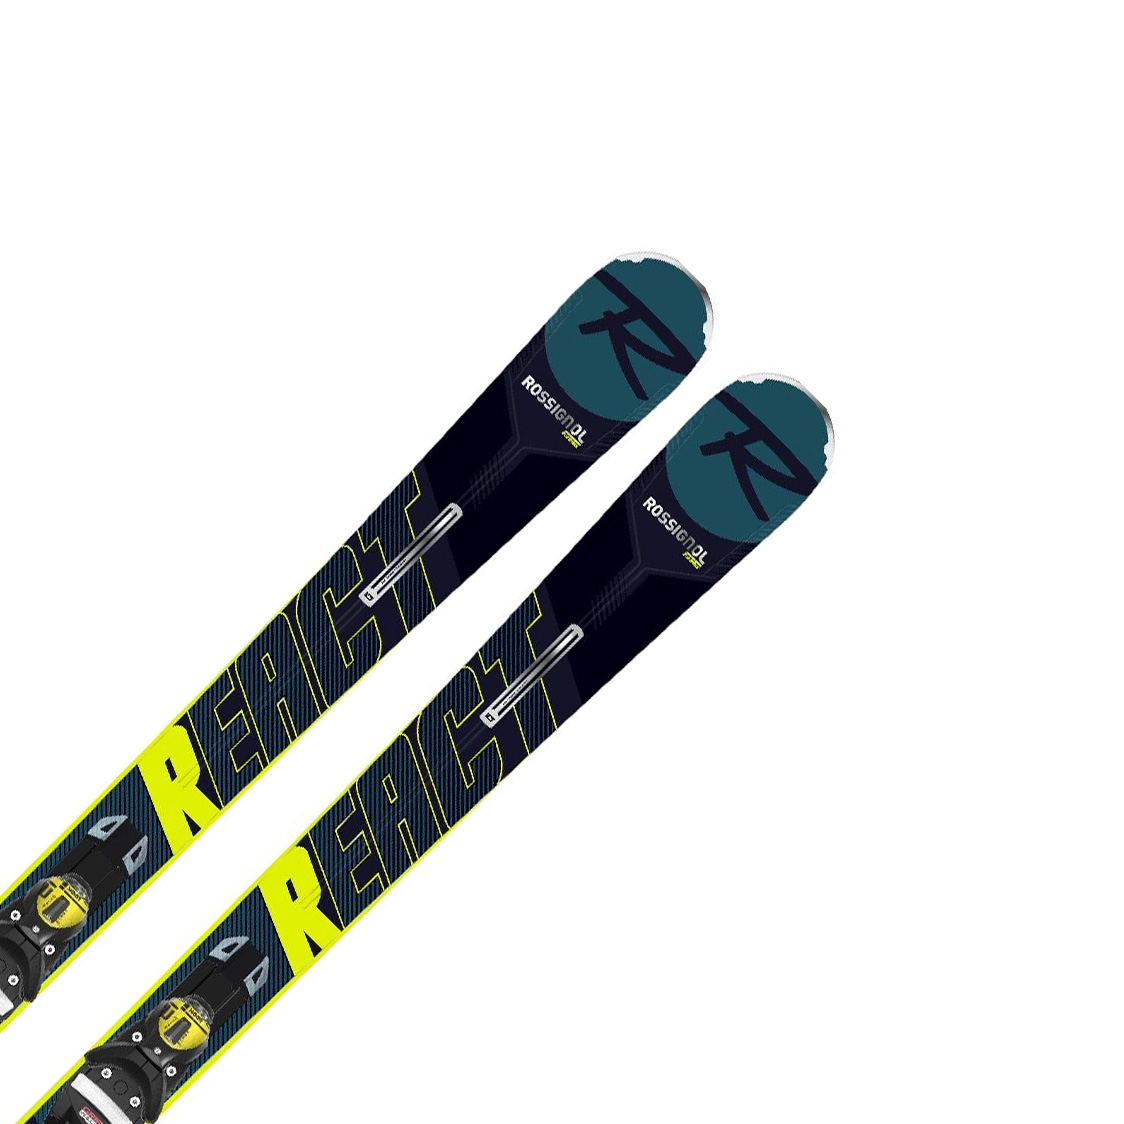 Sjezdové lyže Rossignol React R8 HP + NX 12 Konect GW - Ski a Bike ... 47eafe984c5